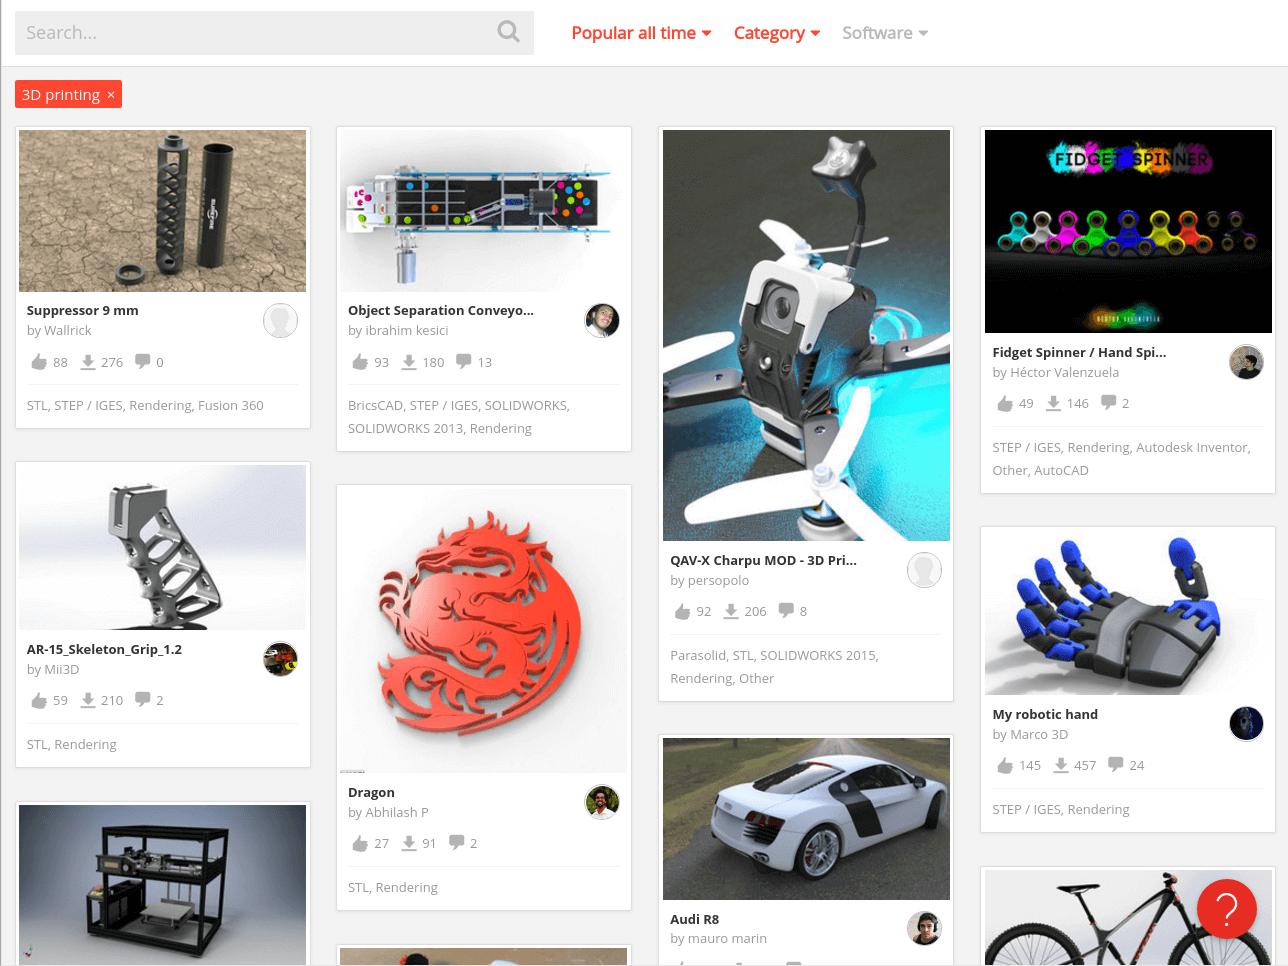 Бесплатные файлы STL, 3D-модели, файлы для 3D-принтера, 3D-модели для 3D-печати: библиотека GrabCAD